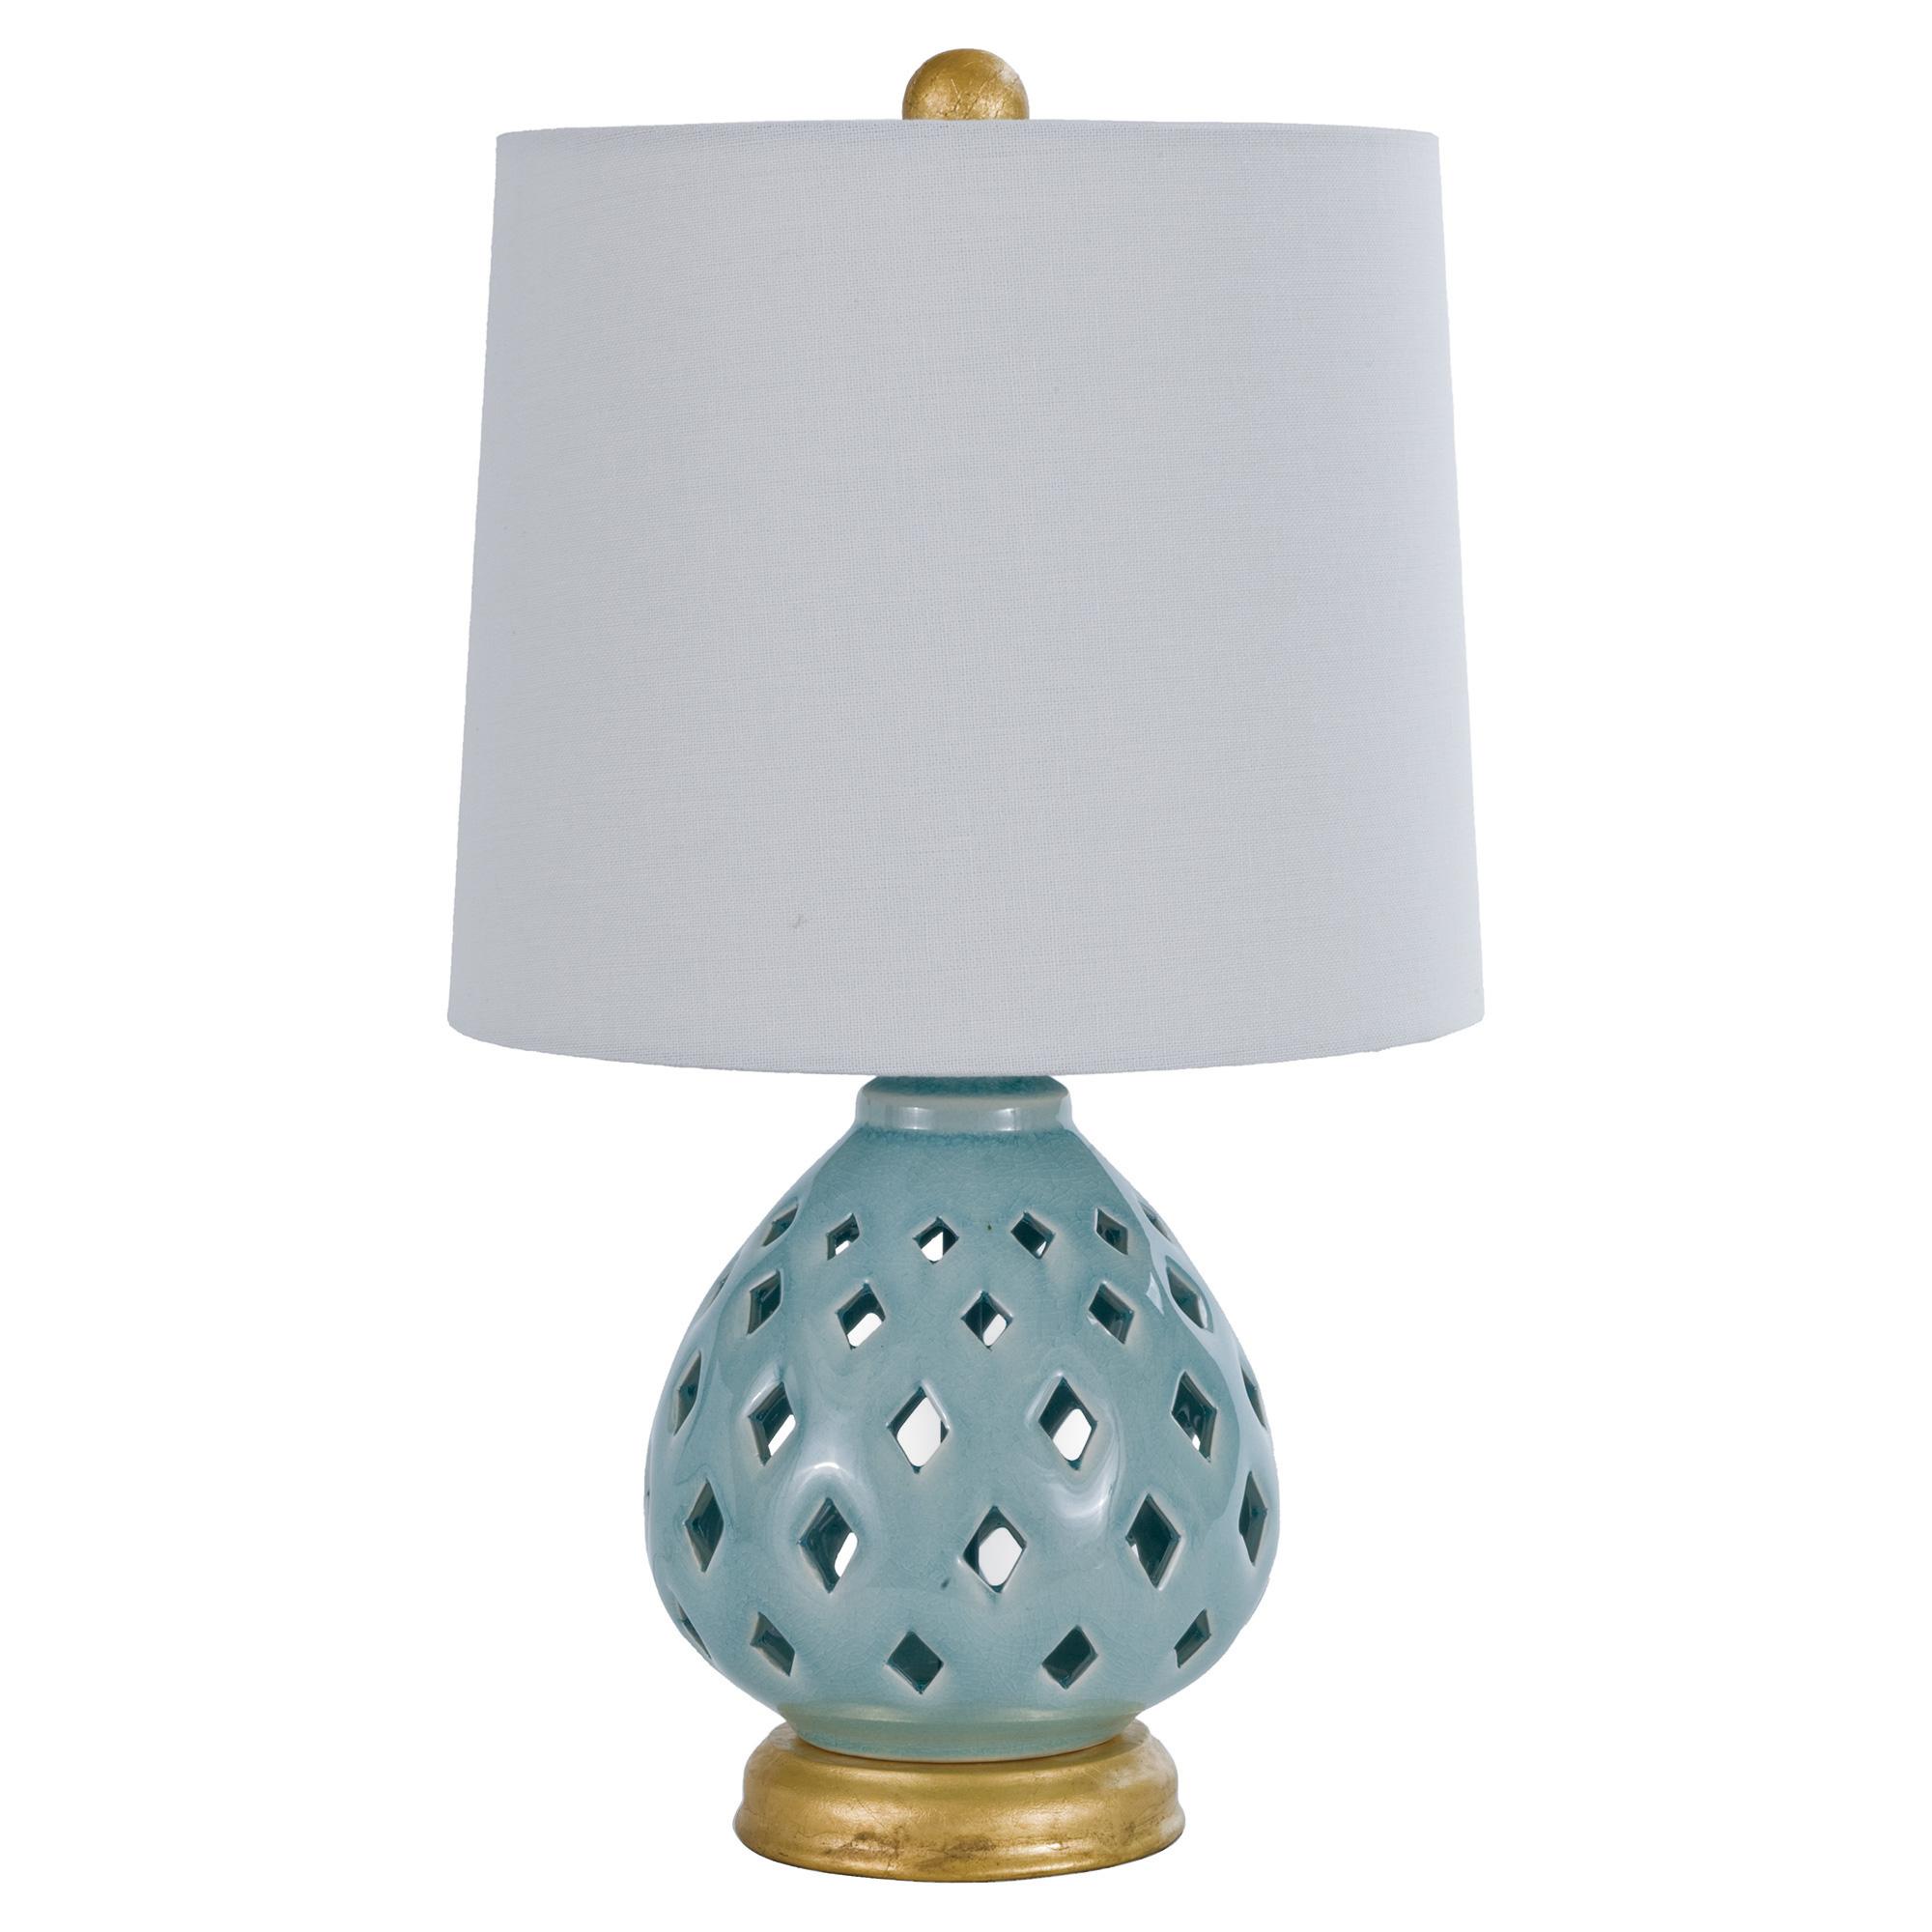 Vijay Global Bazaar Teal Gold Cut Drop Table Lamp